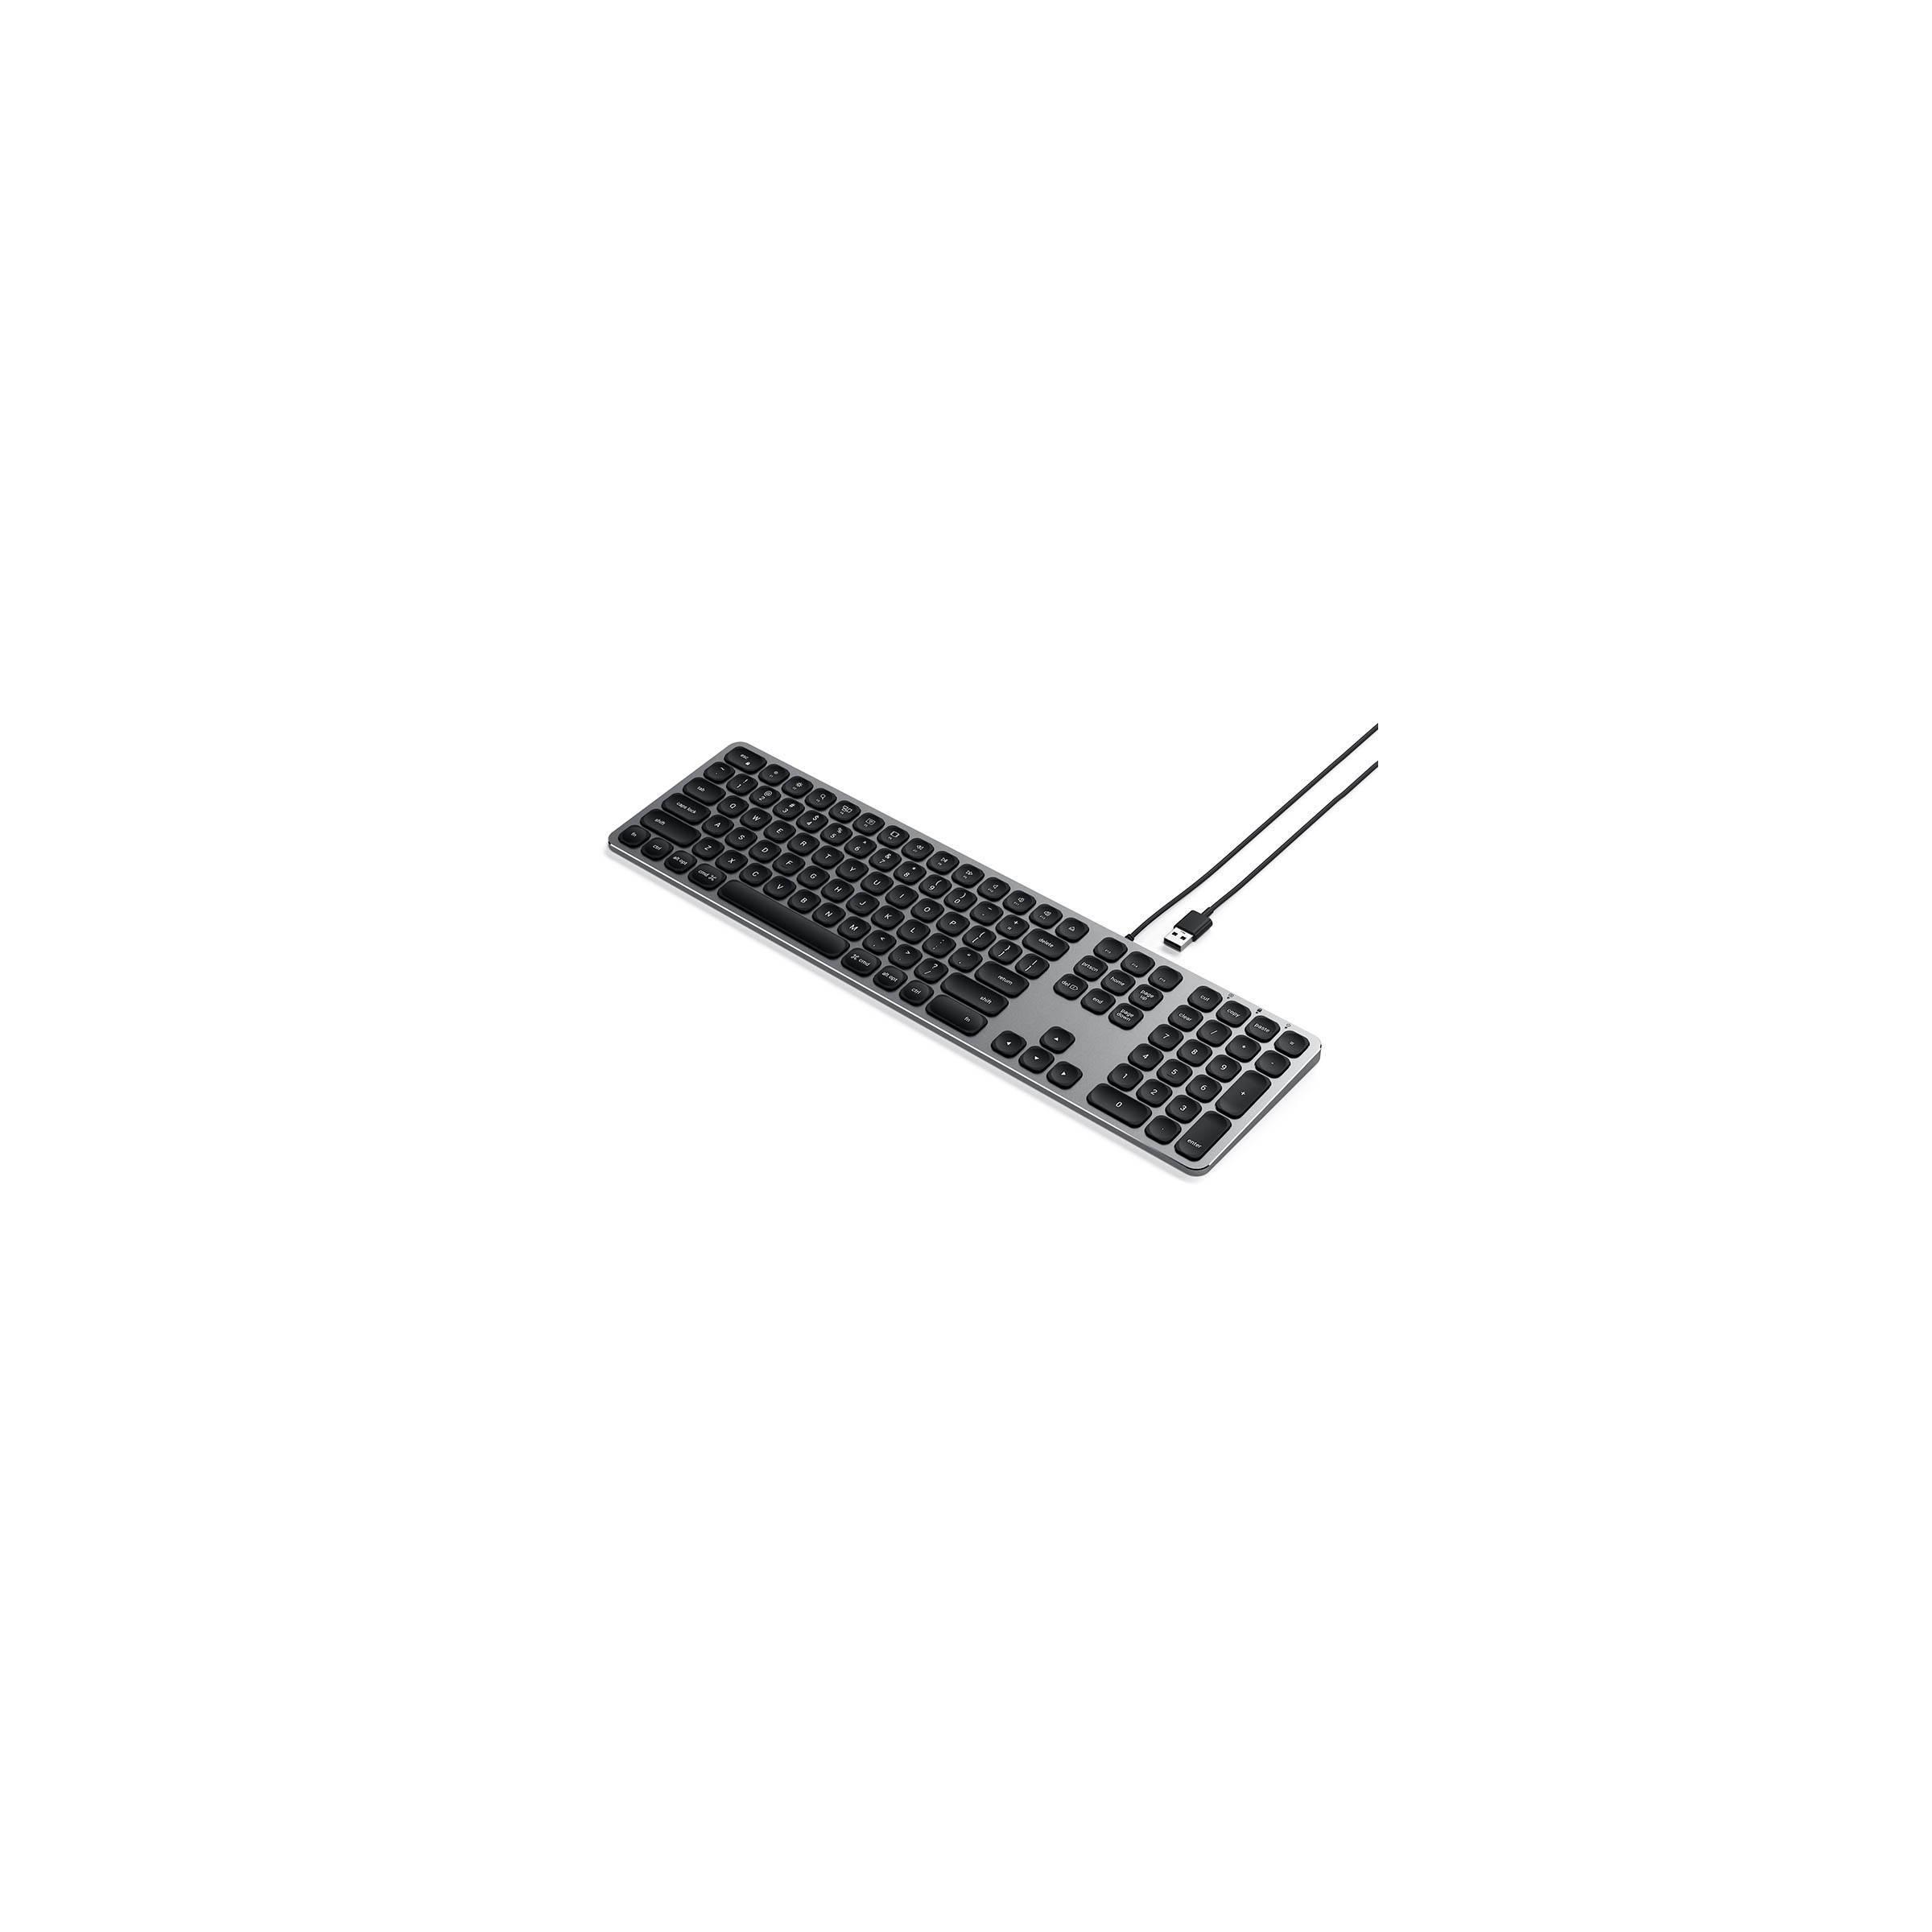 satechi Satechi-tastatur med usb lavet til mac - nordic layout (æøå) farve space gray på mackabler.dk